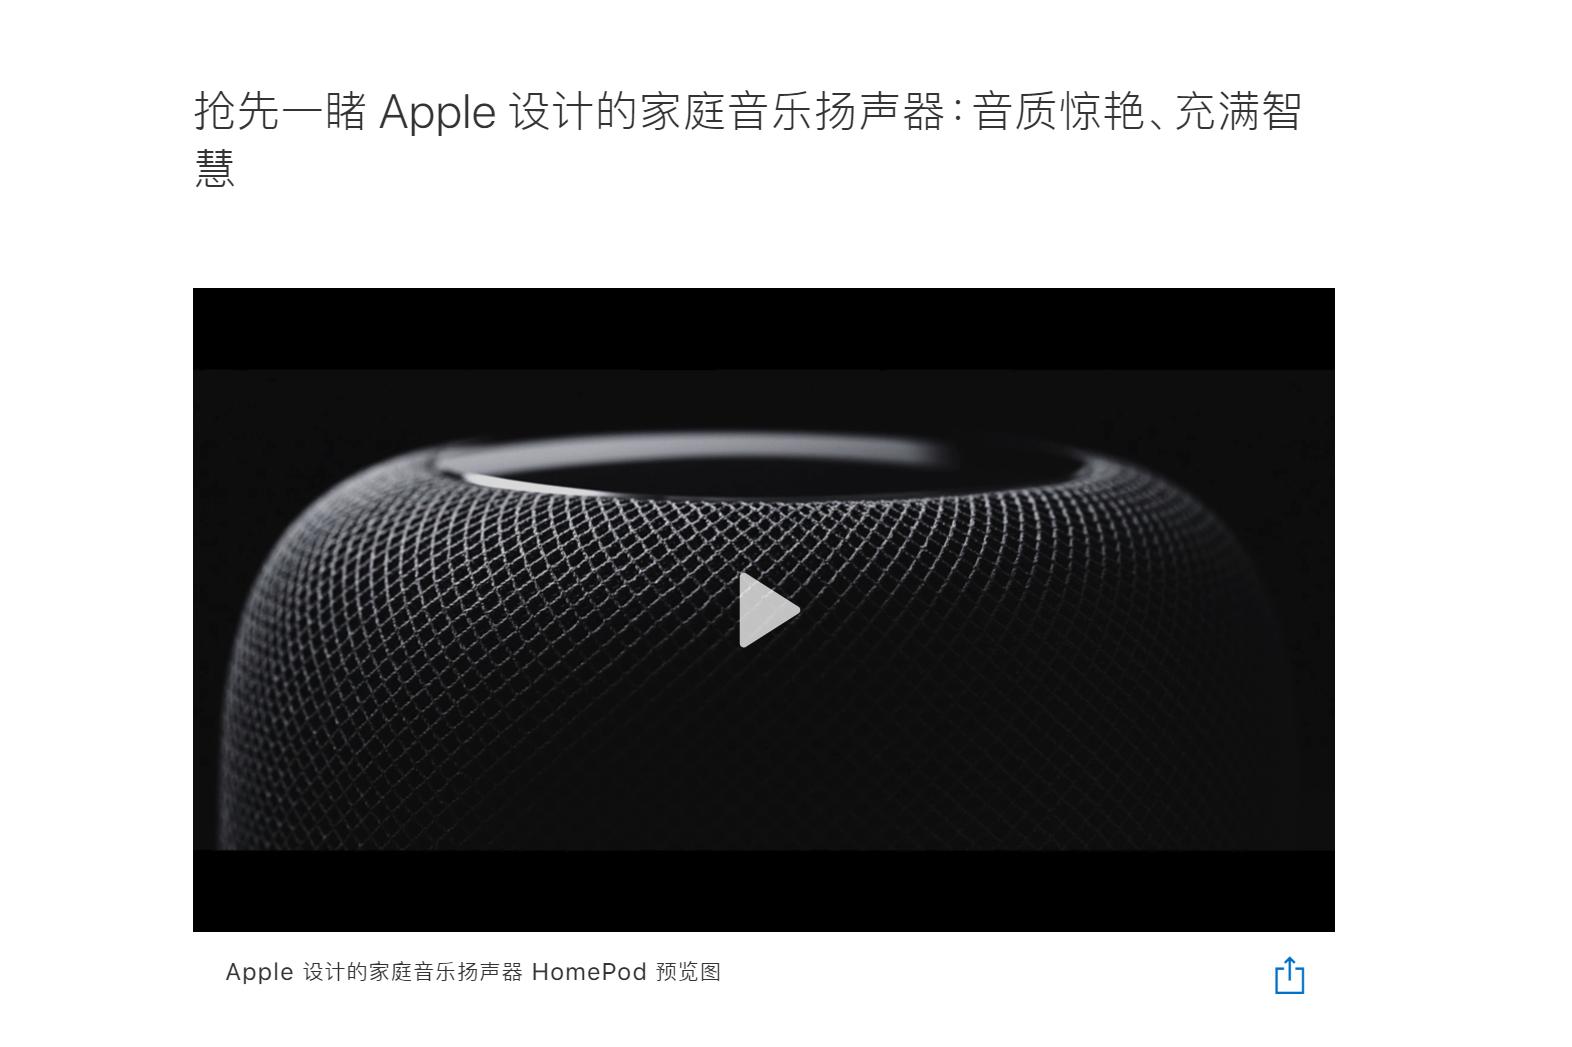 苹果把 HomePod 定义为主打音质的家庭音乐扬声器。